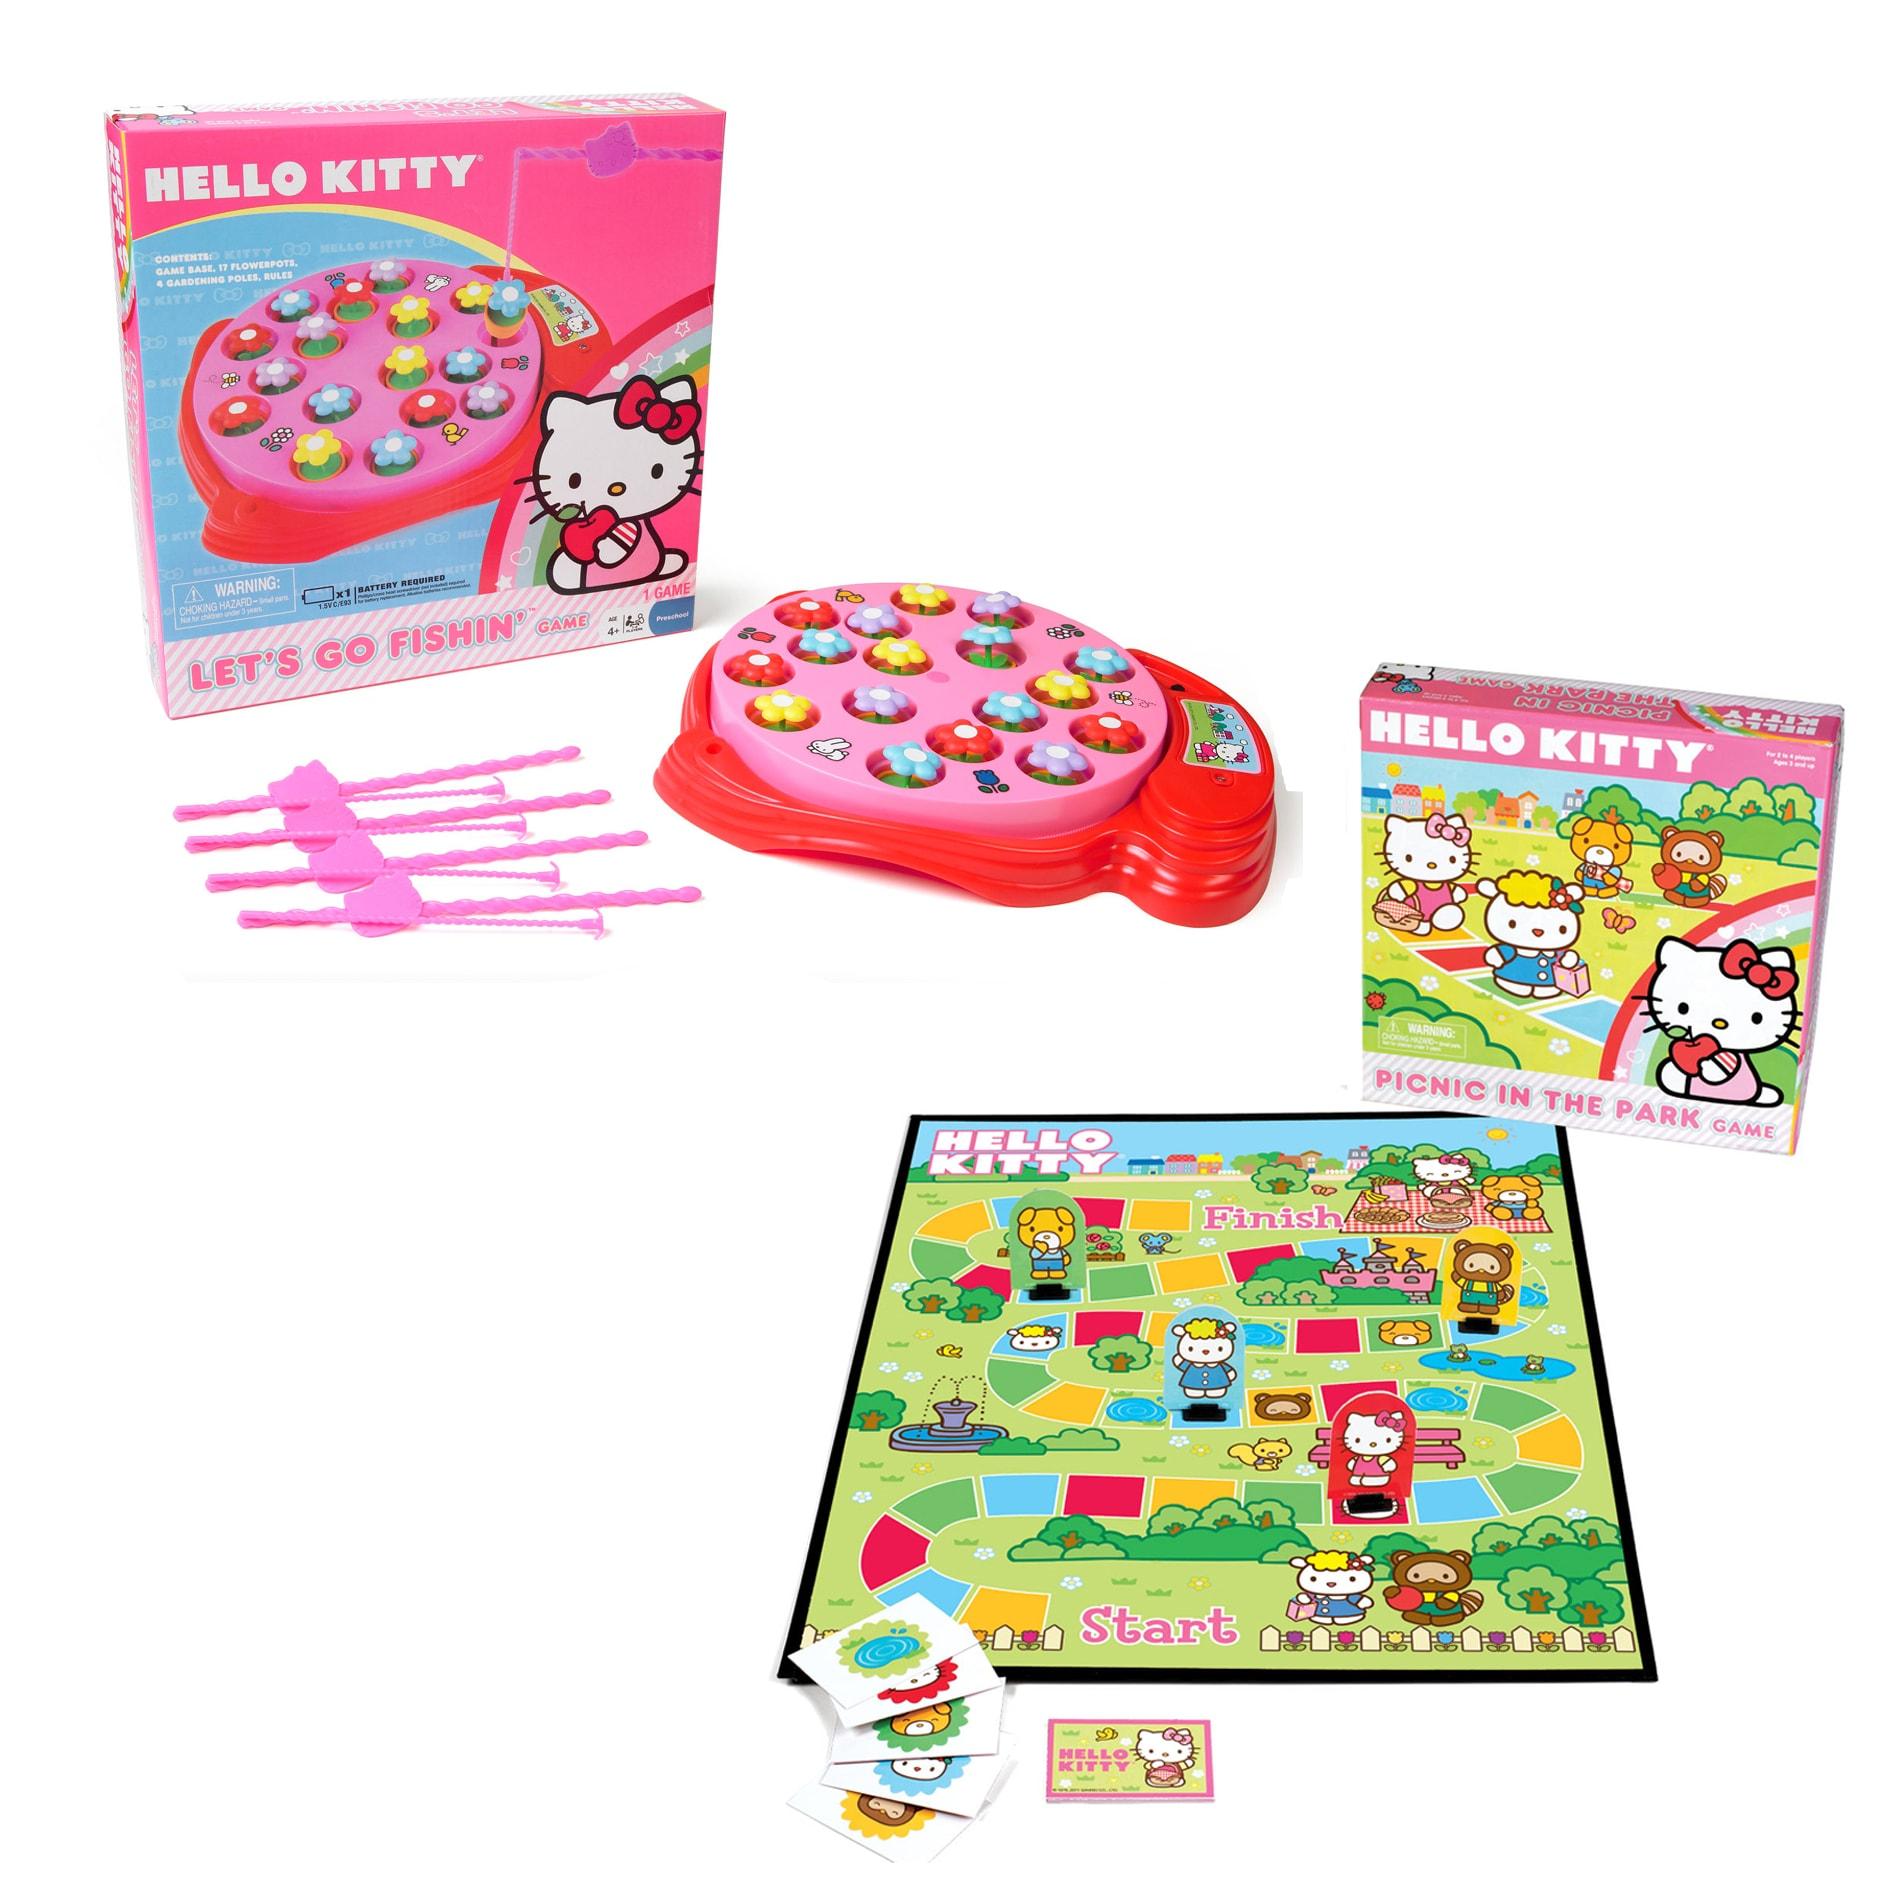 Pressman Games Hello Kitty Fish and Picnic Game Set